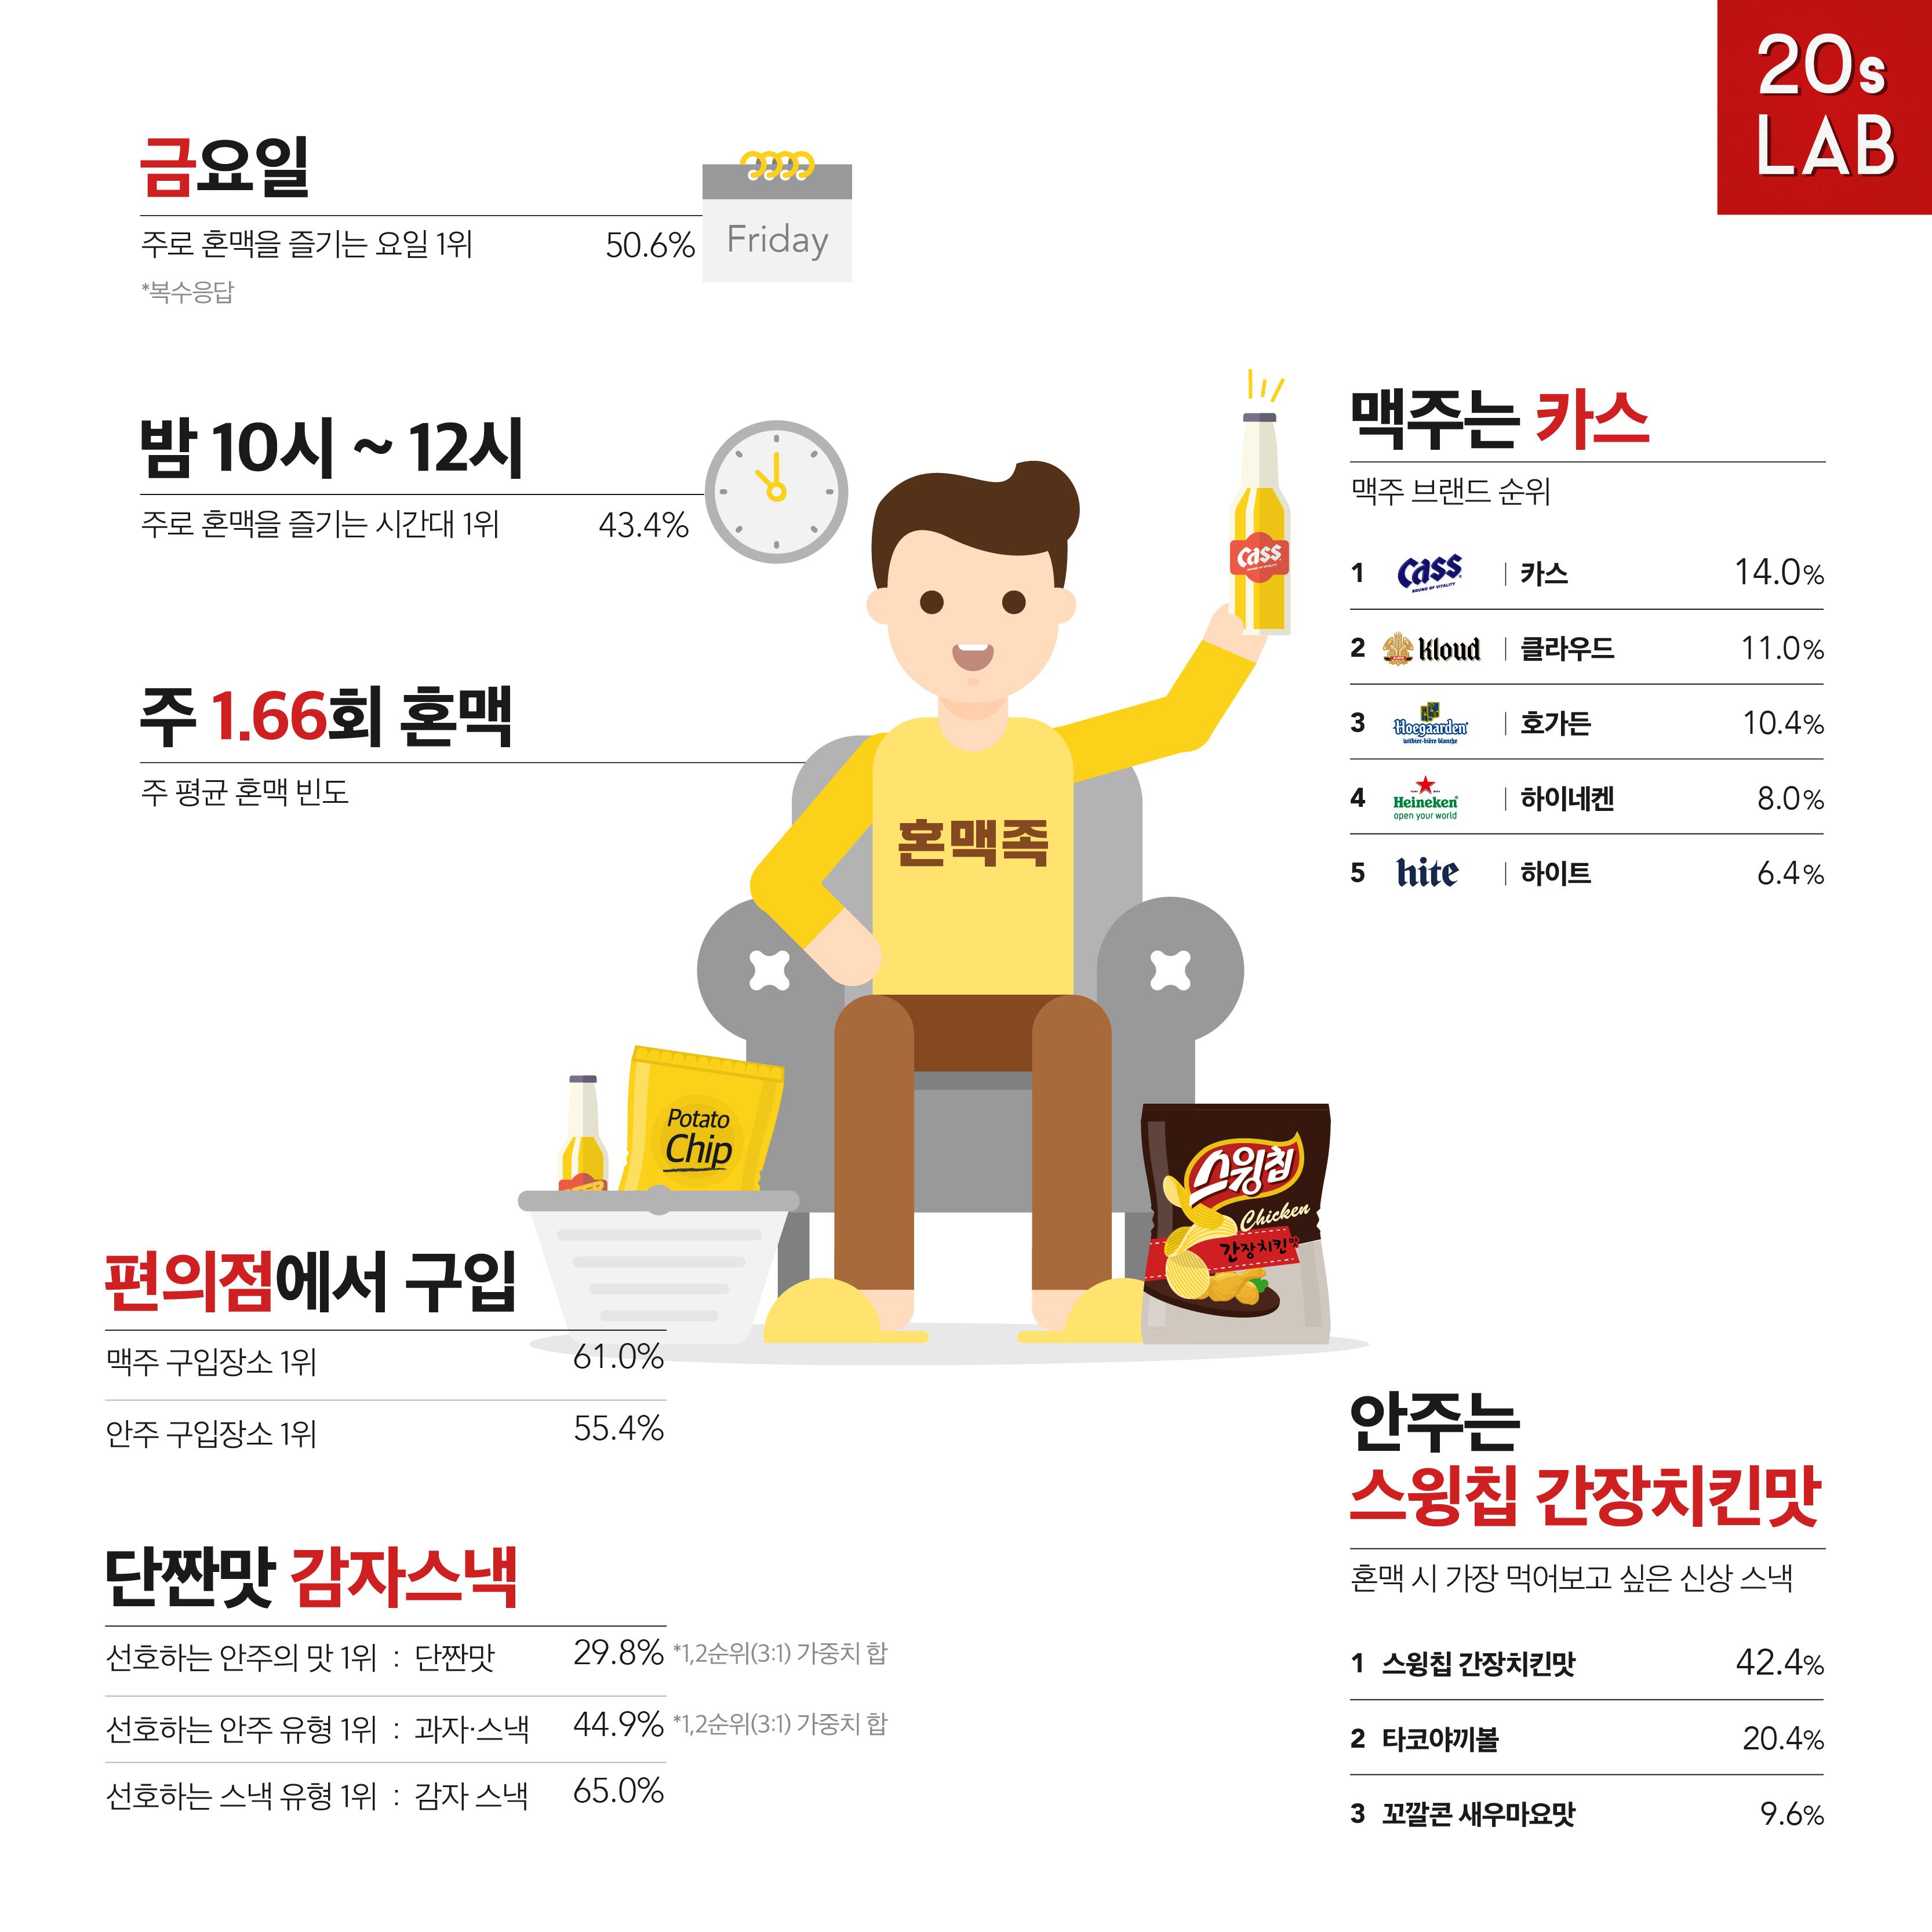 혼맥_페북